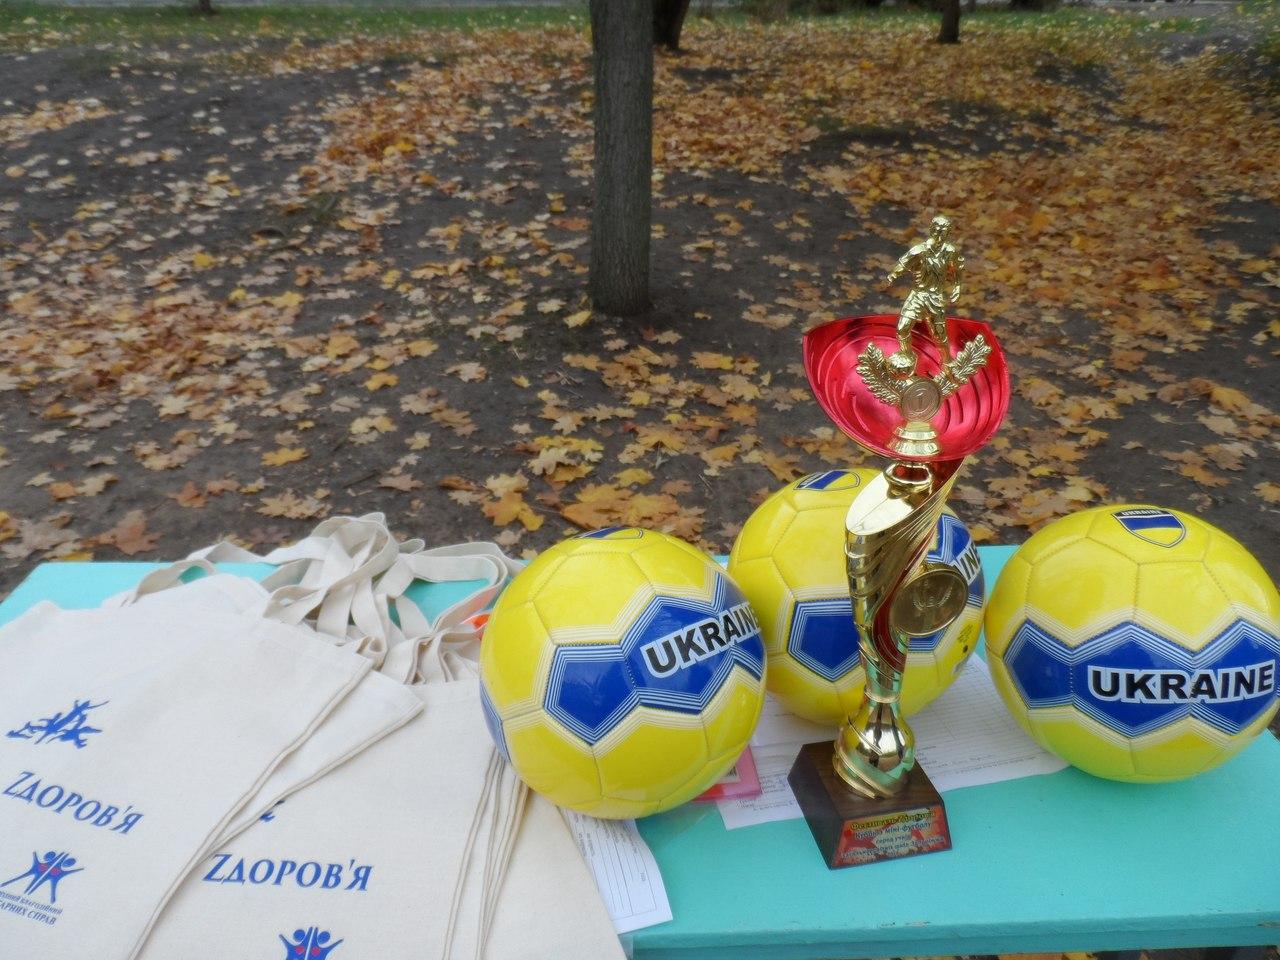 фестиваль здоровья запорожье, мини-футбол запорожье